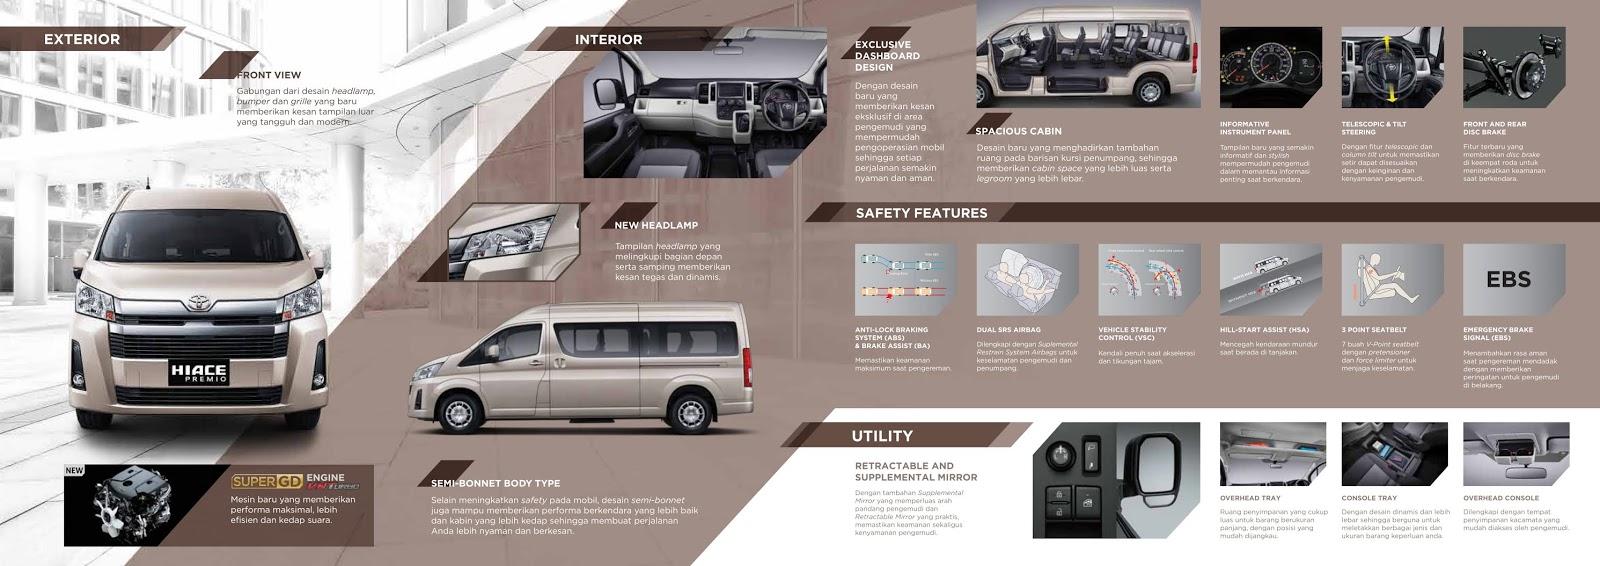 All New Hiace Premio - Info Promo & Harga Toyota Hiace Premio Bali 2020